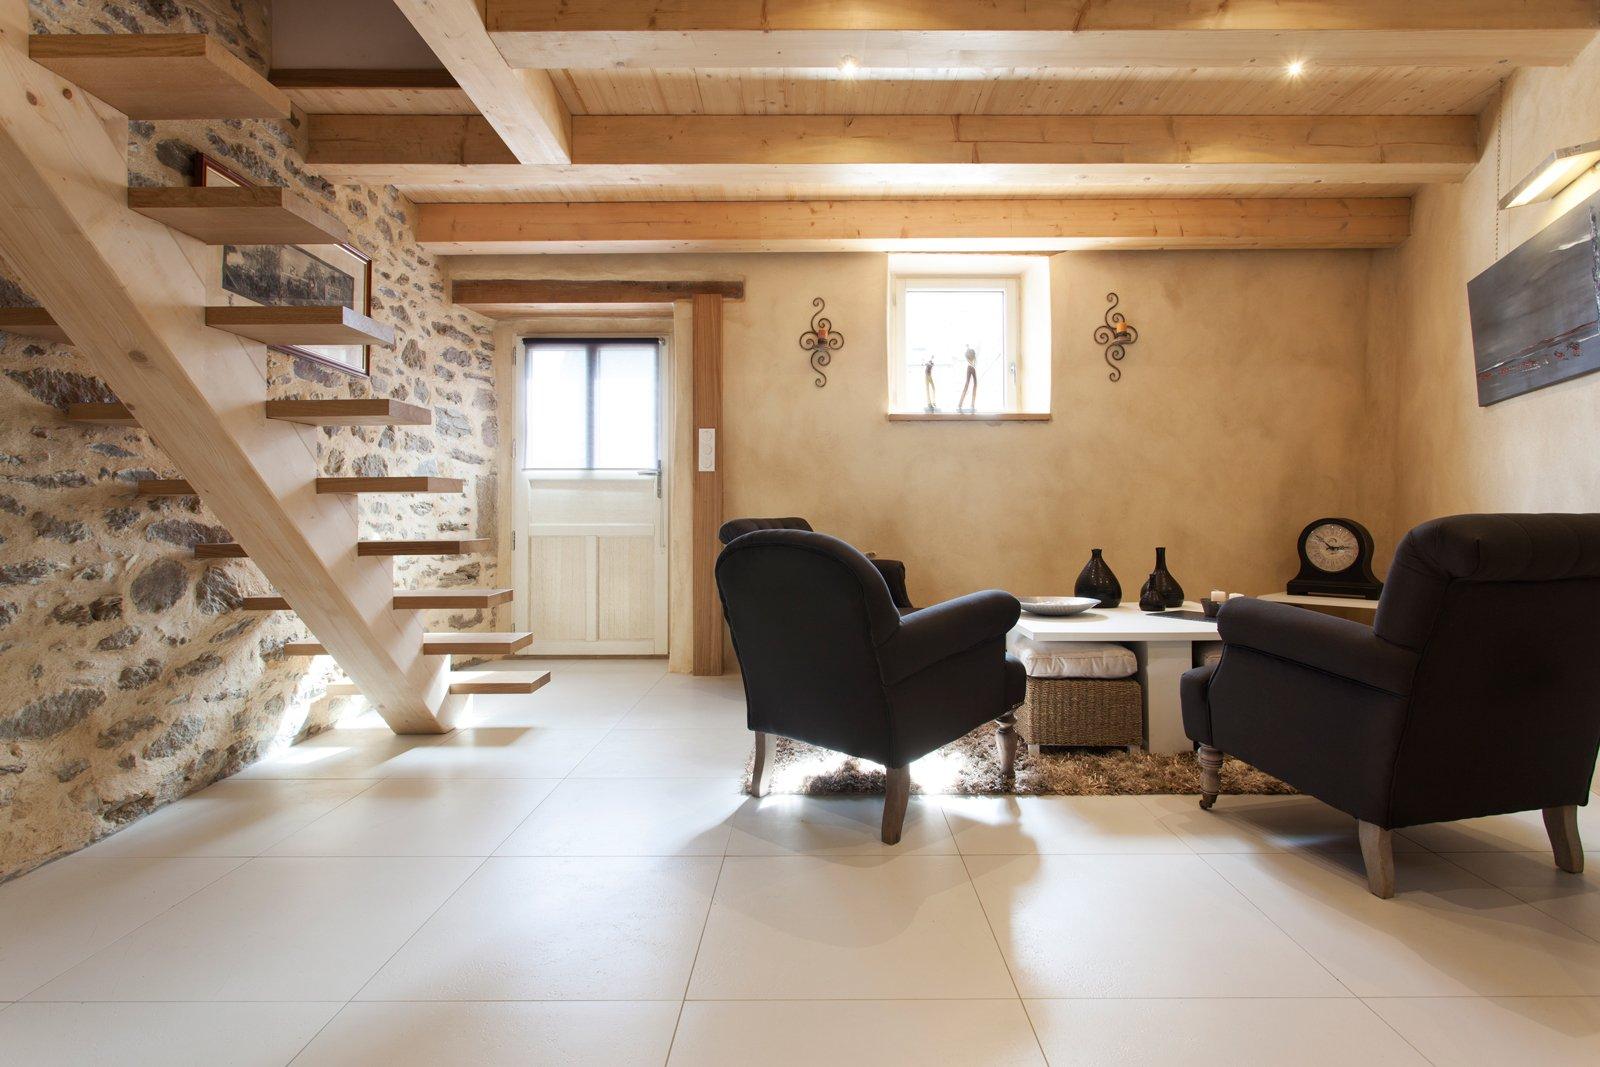 Gres porcellanato ceramica italiana di qualit nelle case di tutta europa e non solo cose di casa - Crepe nelle piastrelle del pavimento ...